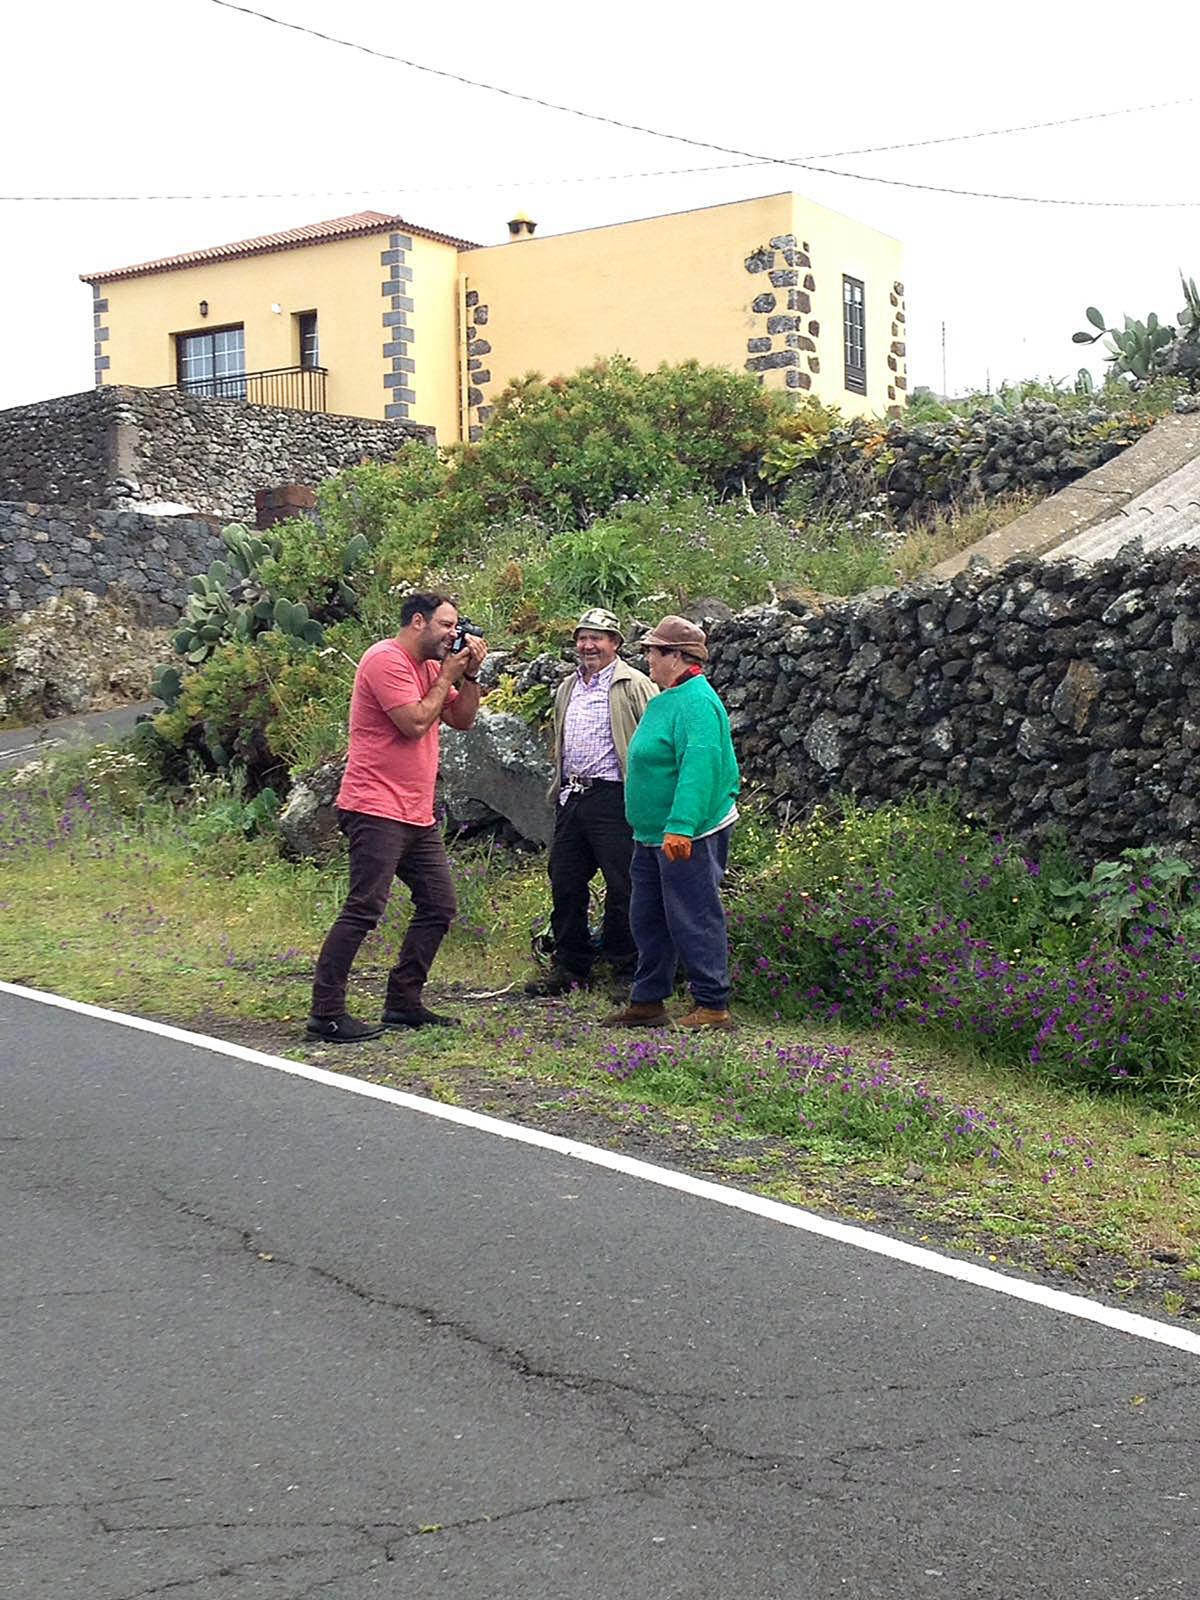 El Hierro. Enrique & Pilar. Autorretrato - Behind the lens - JOSE V. GLEZ